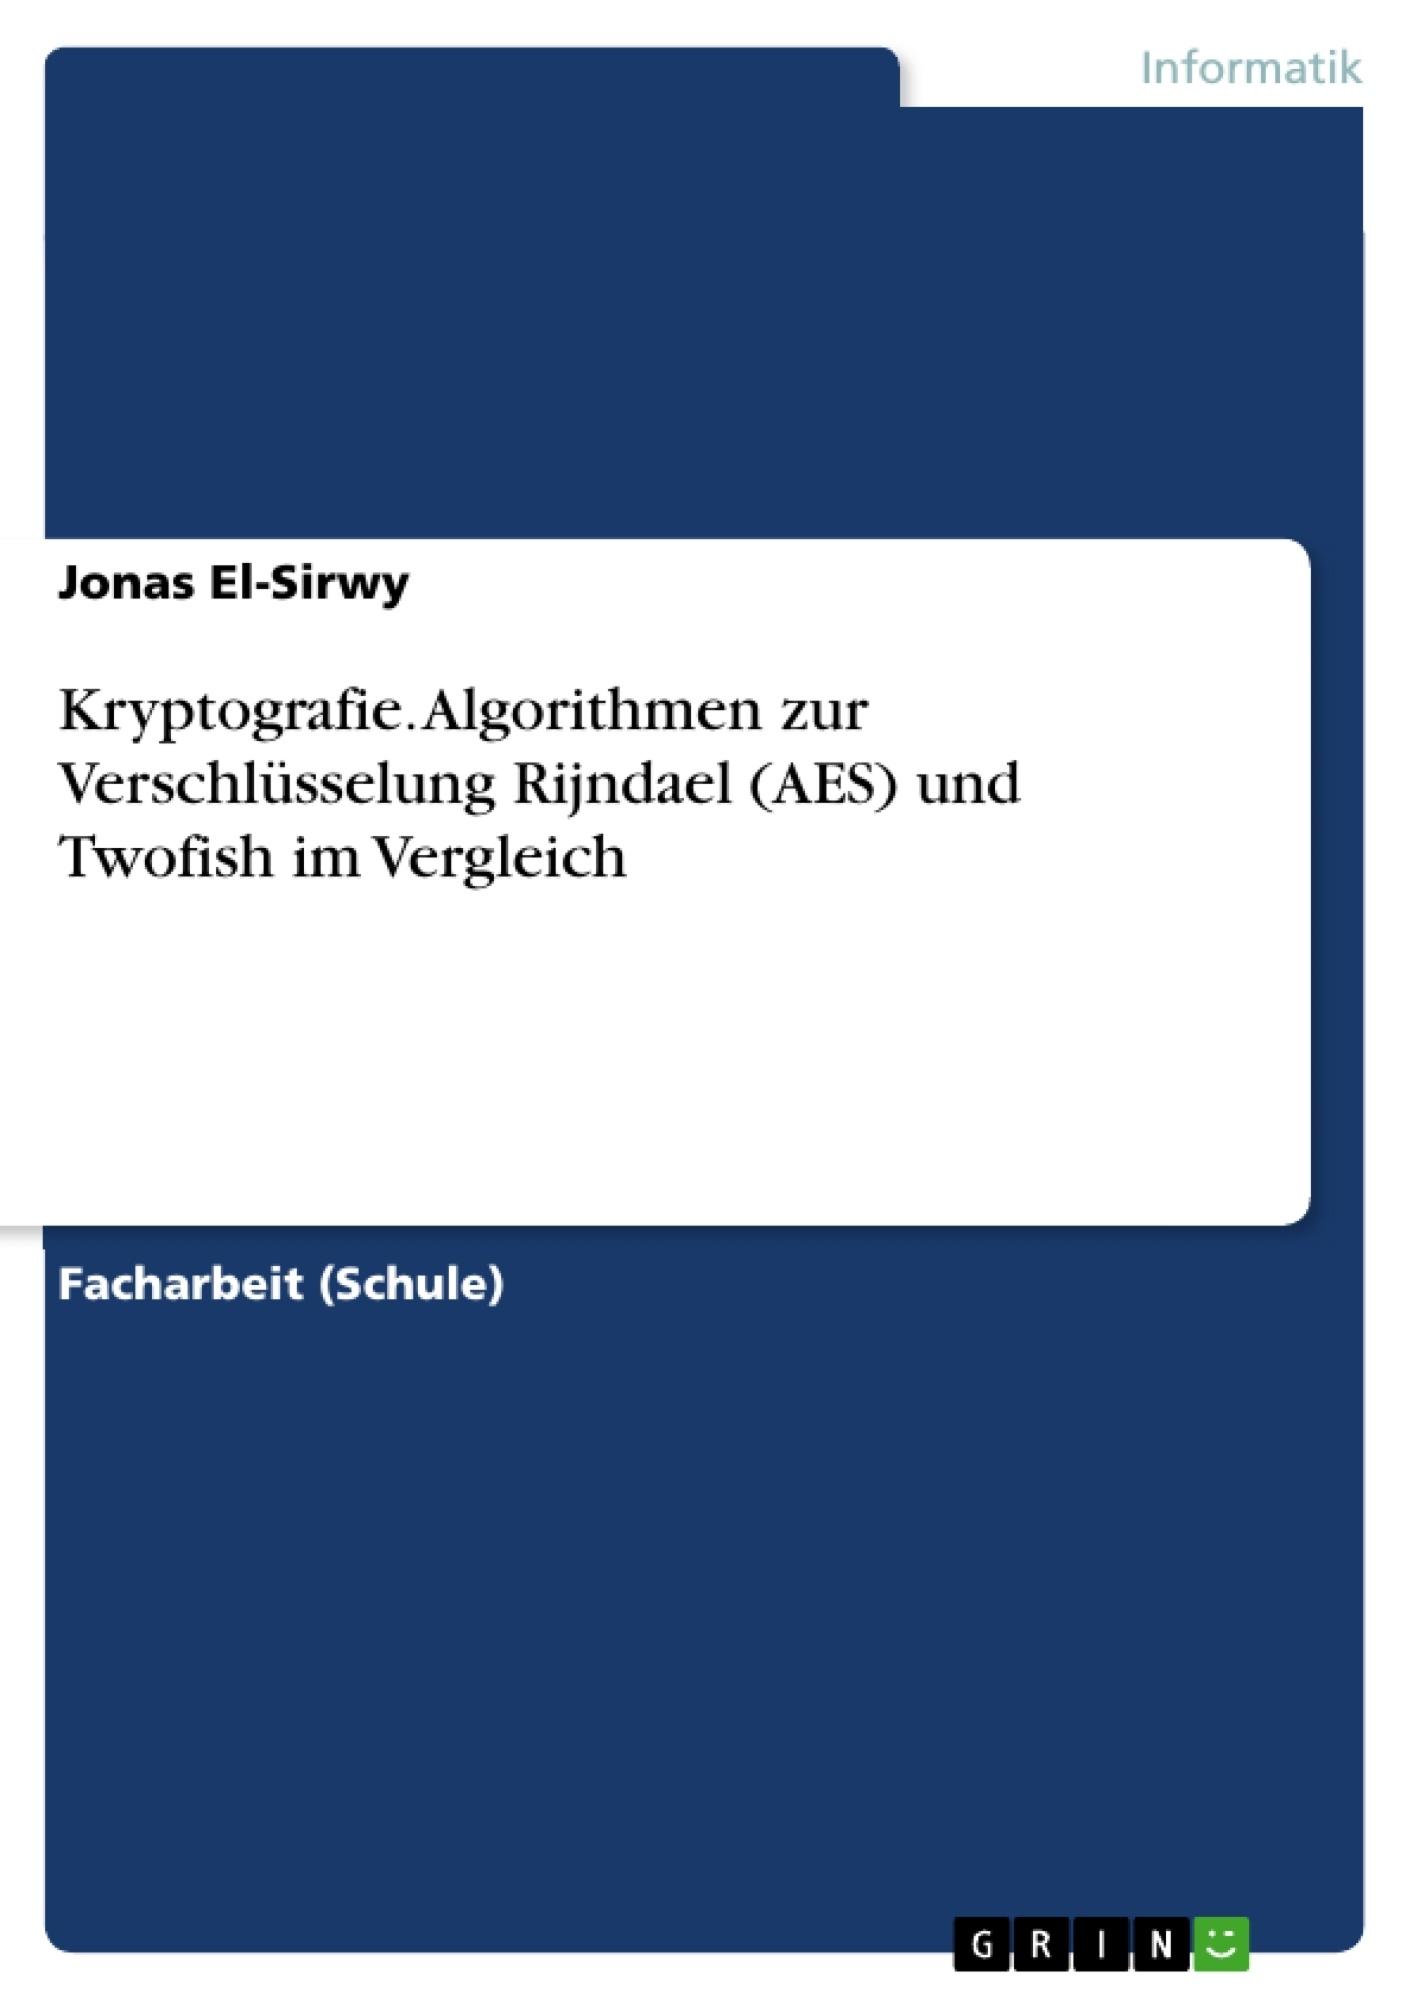 Titel: Kryptografie. Algorithmen zur Verschlüsselung Rijndael (AES) und Twofish im Vergleich